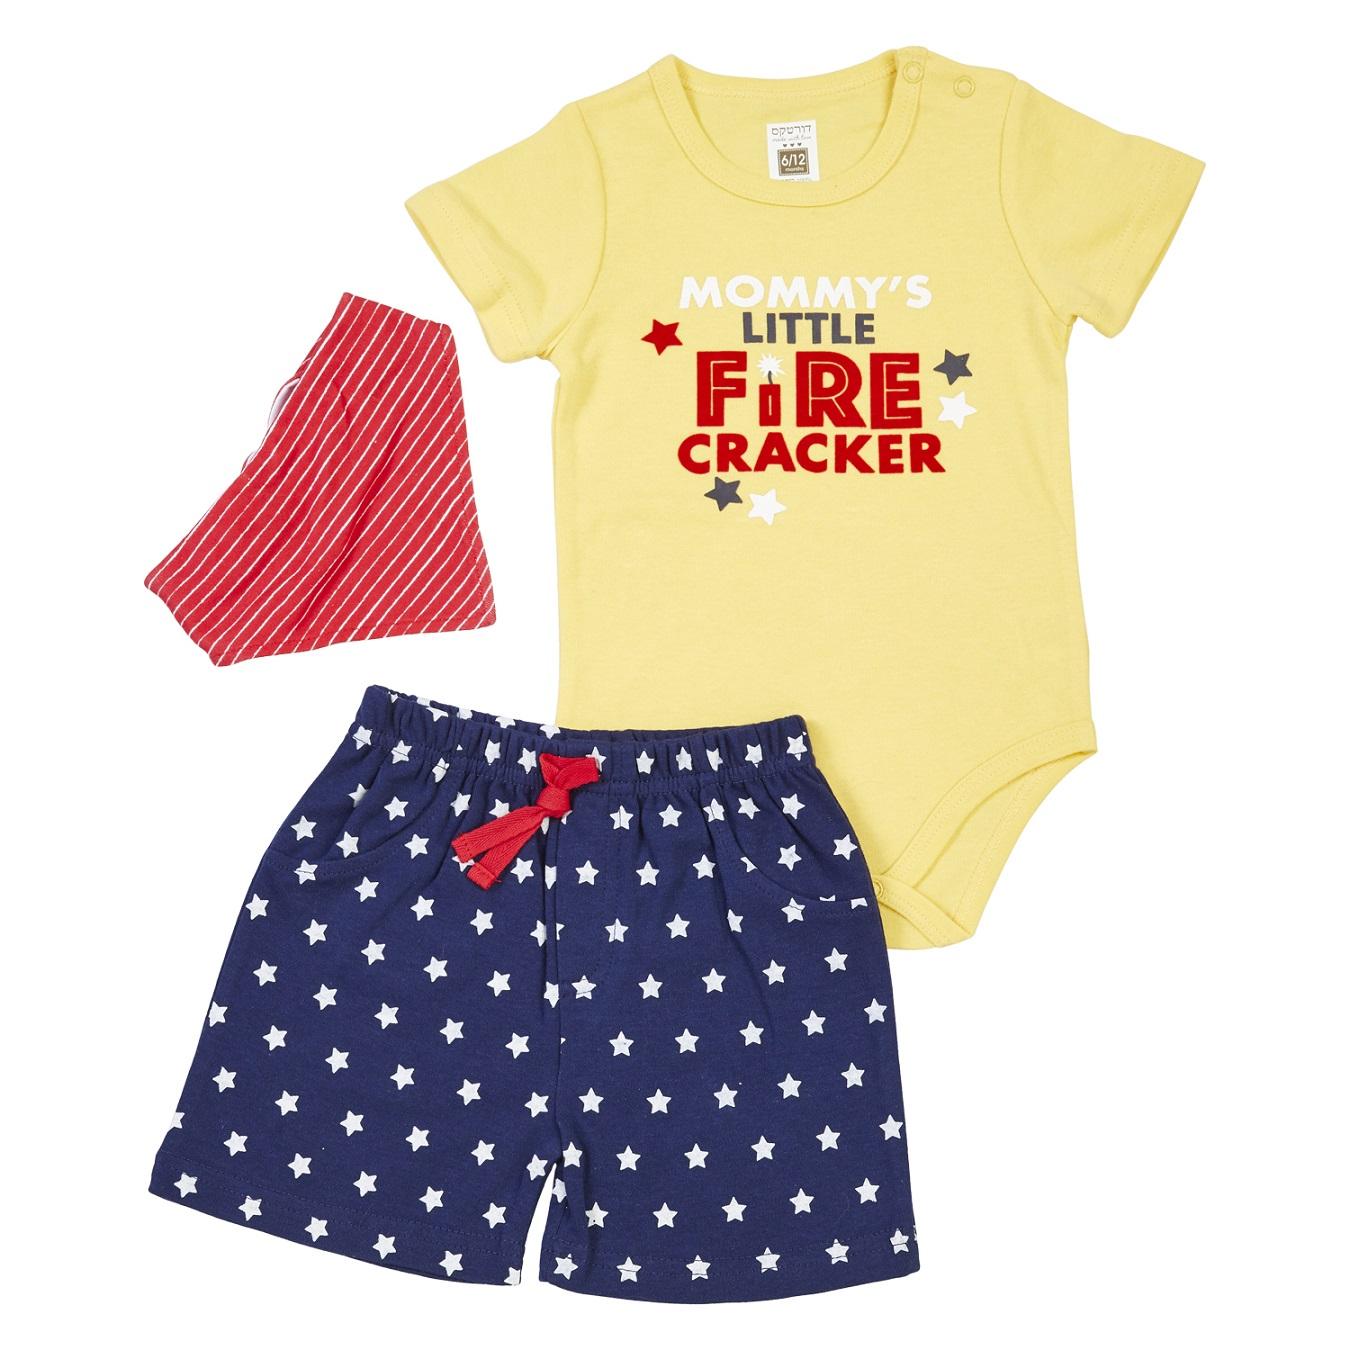 חליפת בגד גוף מכנס כוכבים צהוב + סינר בנדנה